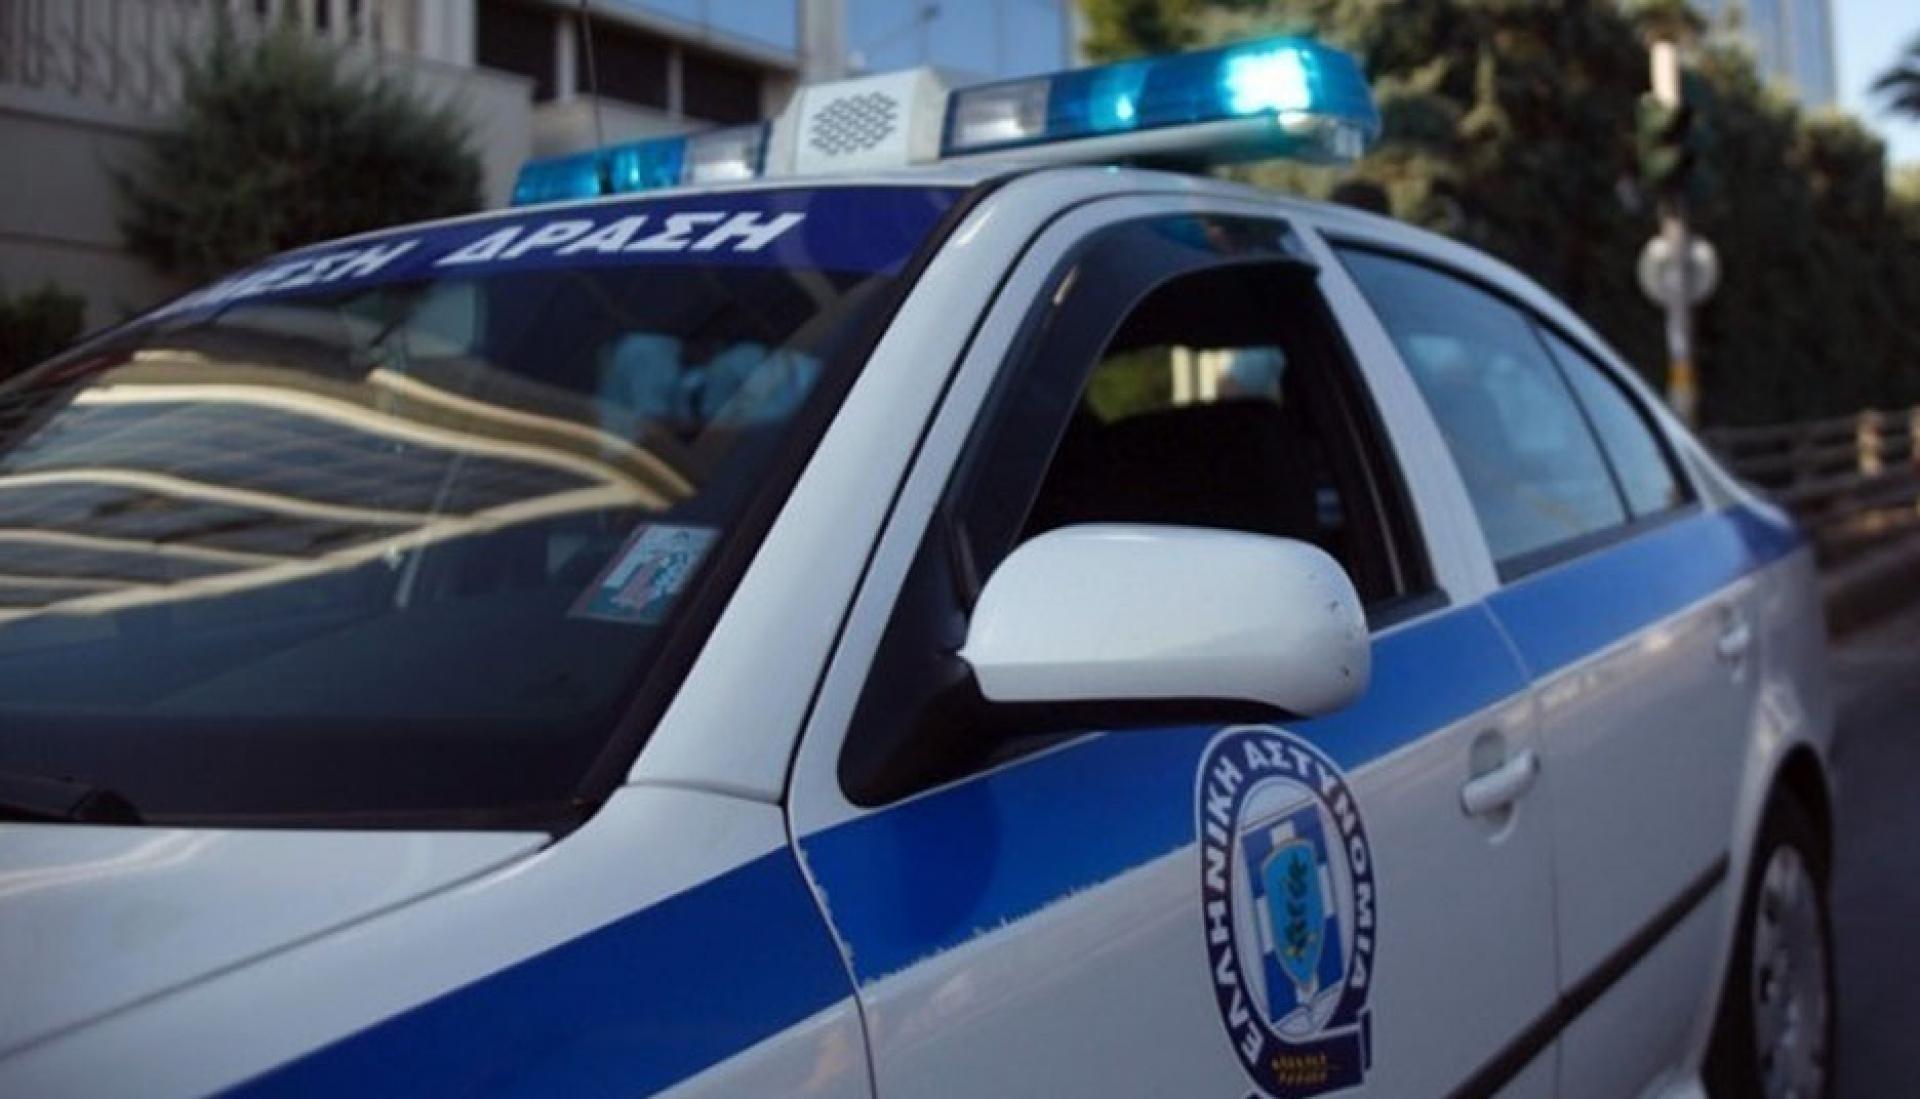 Συνελήφθη χήρα λαϊκού τραγουδιστή για τα όπλα και τις χειροβομβίδες στα Εξάρχεια